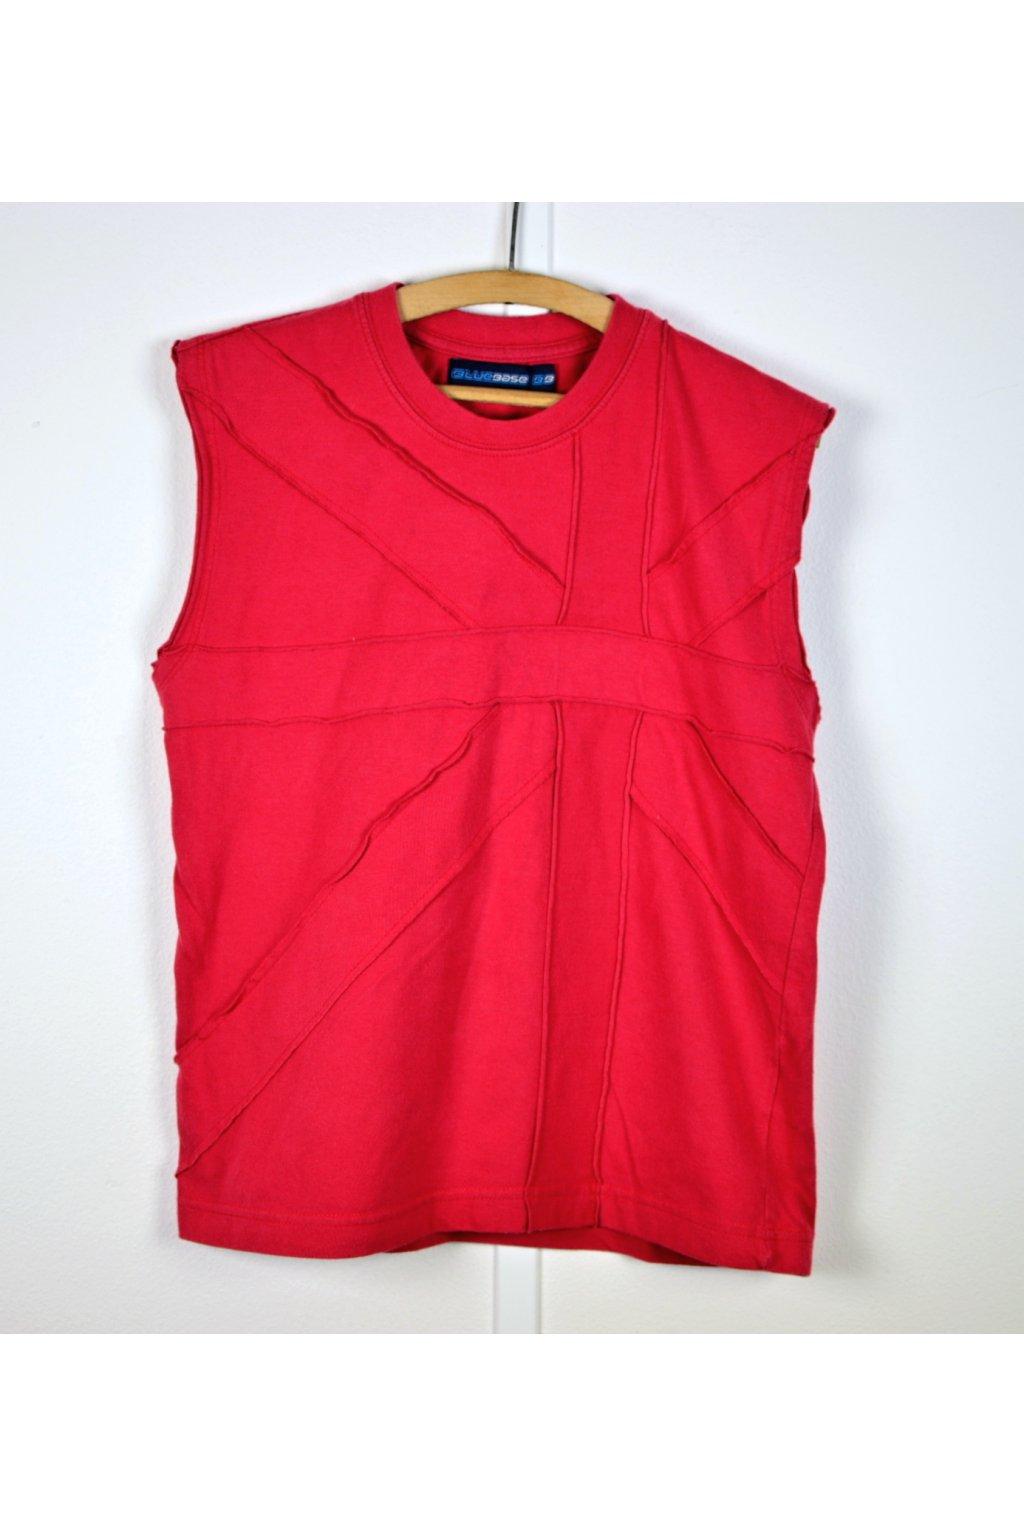 Tričko Bluebase vel 8-9/134 červené